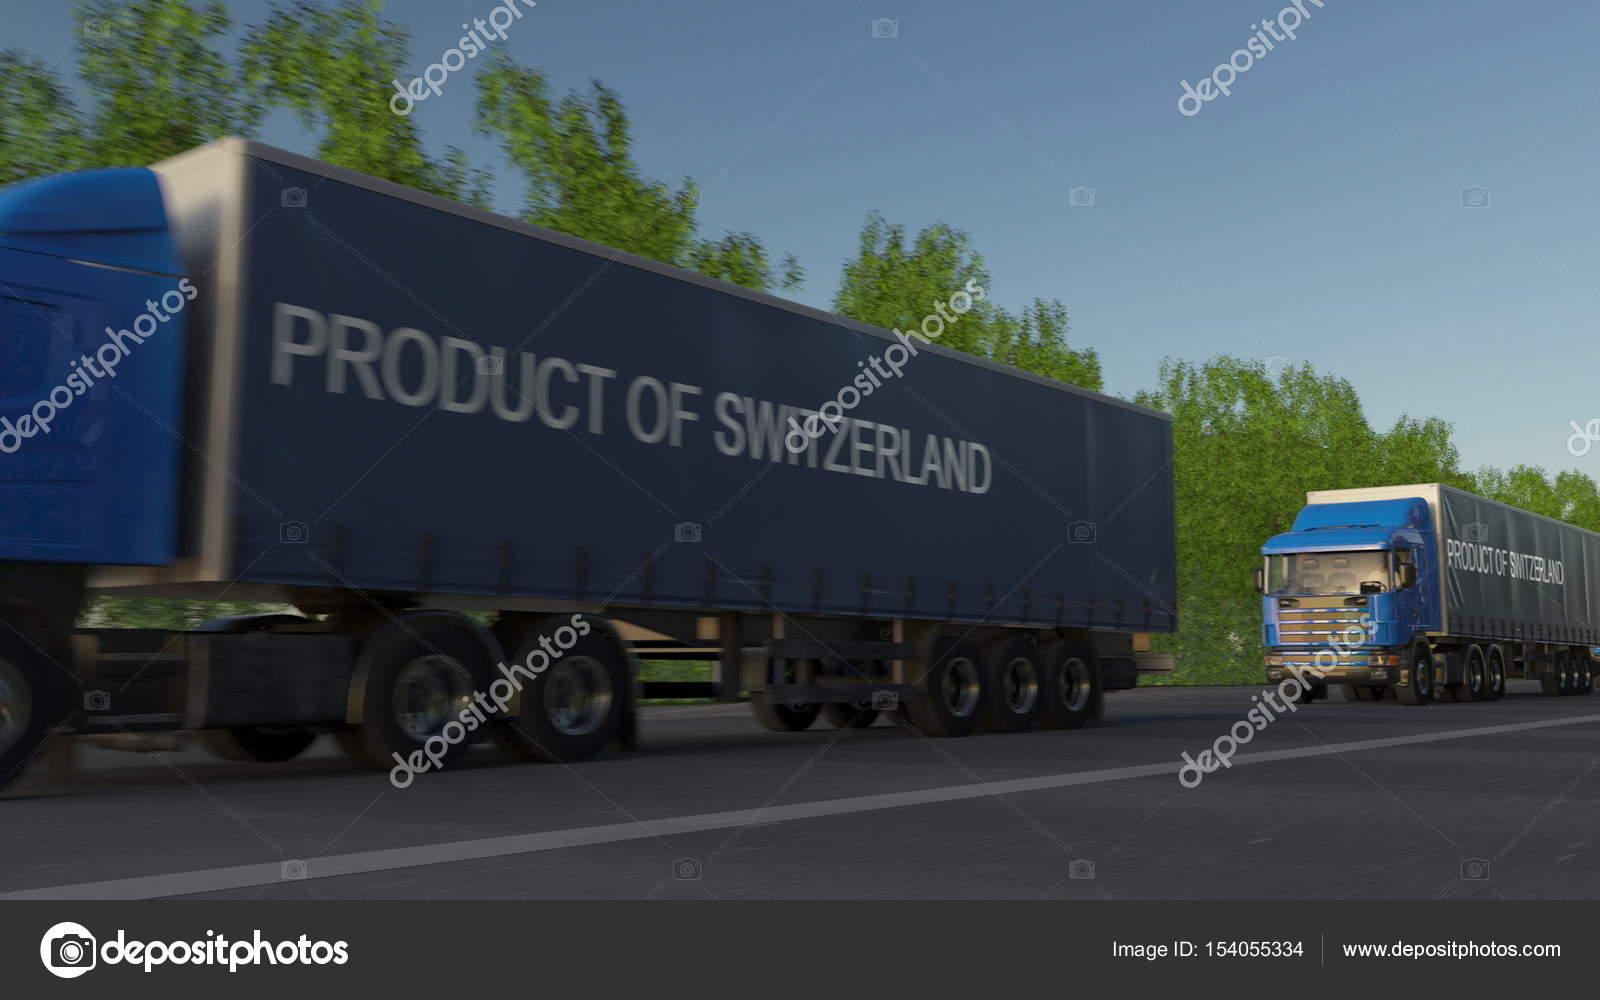 Mobel Fracht Halb Lkw Mit Produkt Der Schweiz Beschriftung Auf Dem